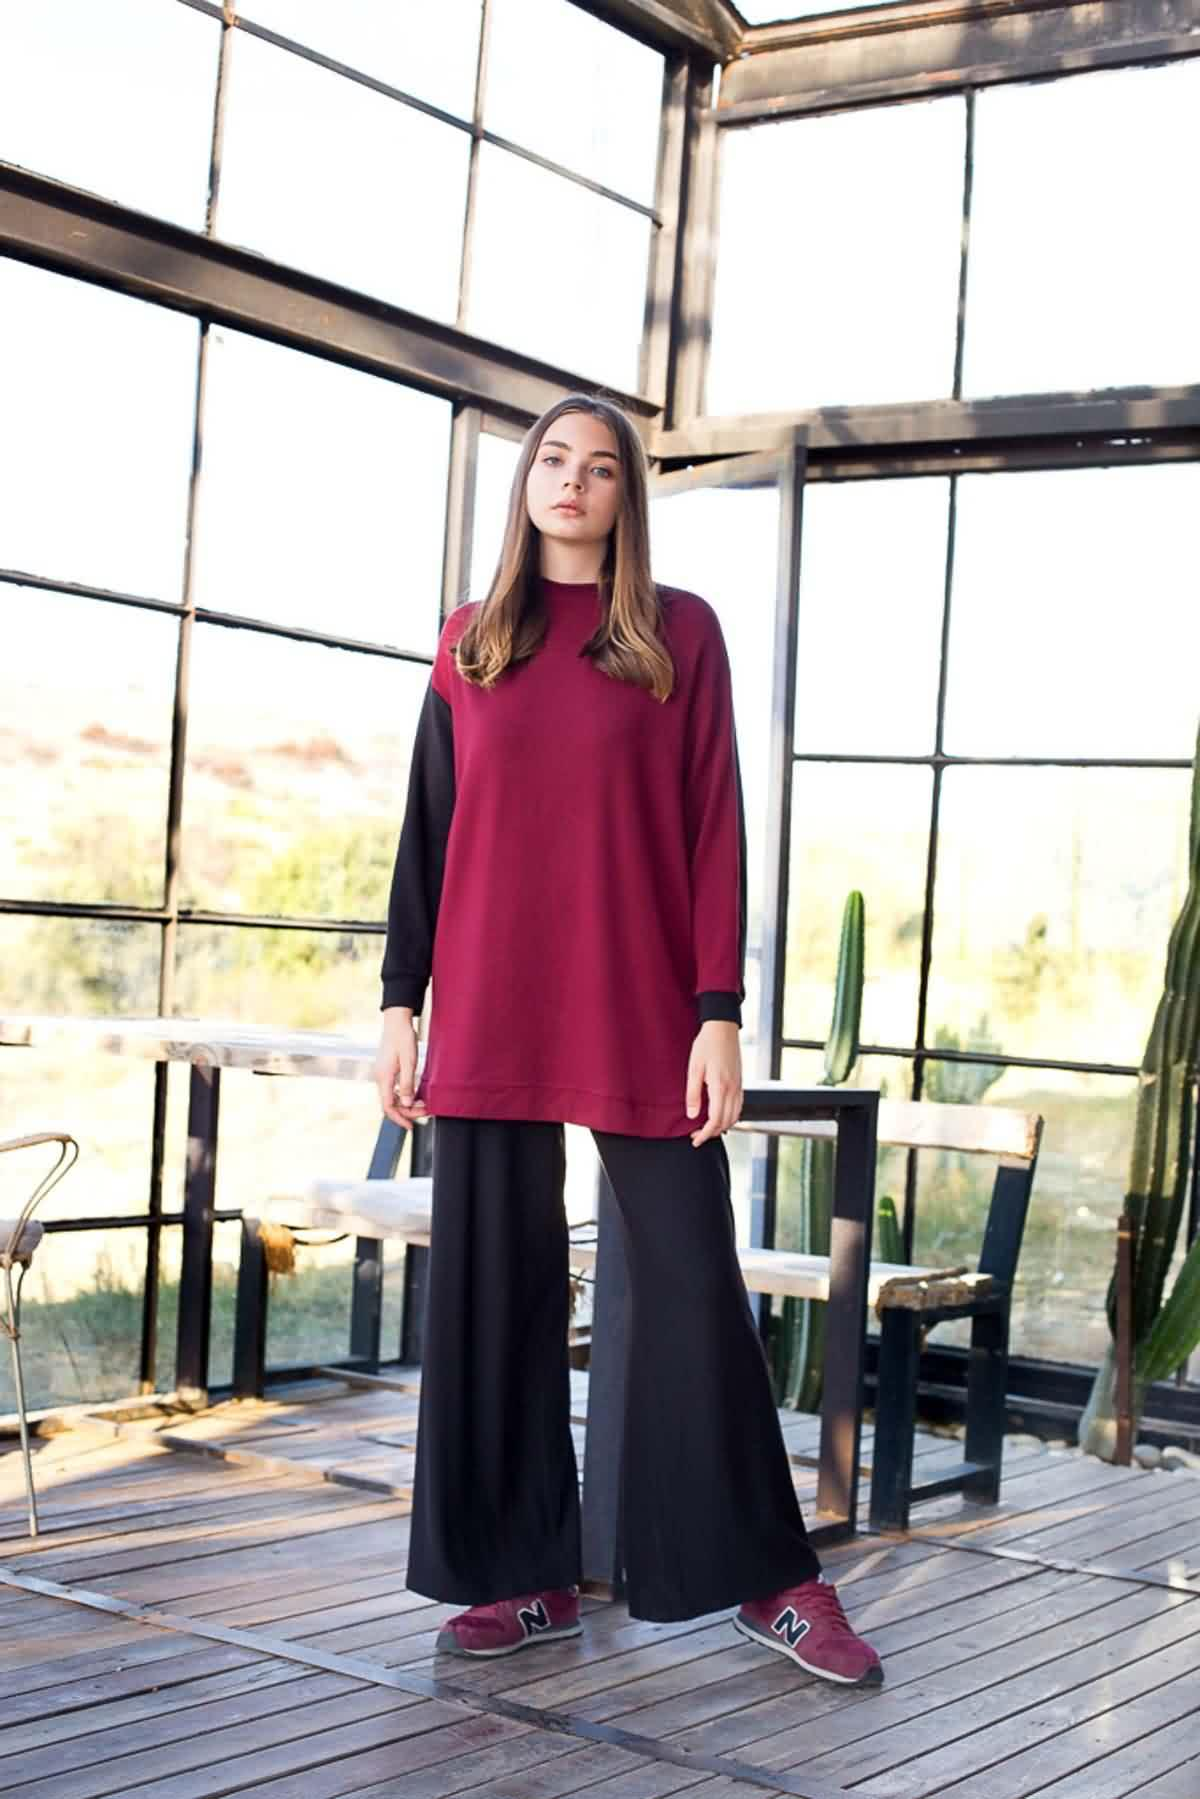 Mevra - Sweatshirt Bordo Siyah